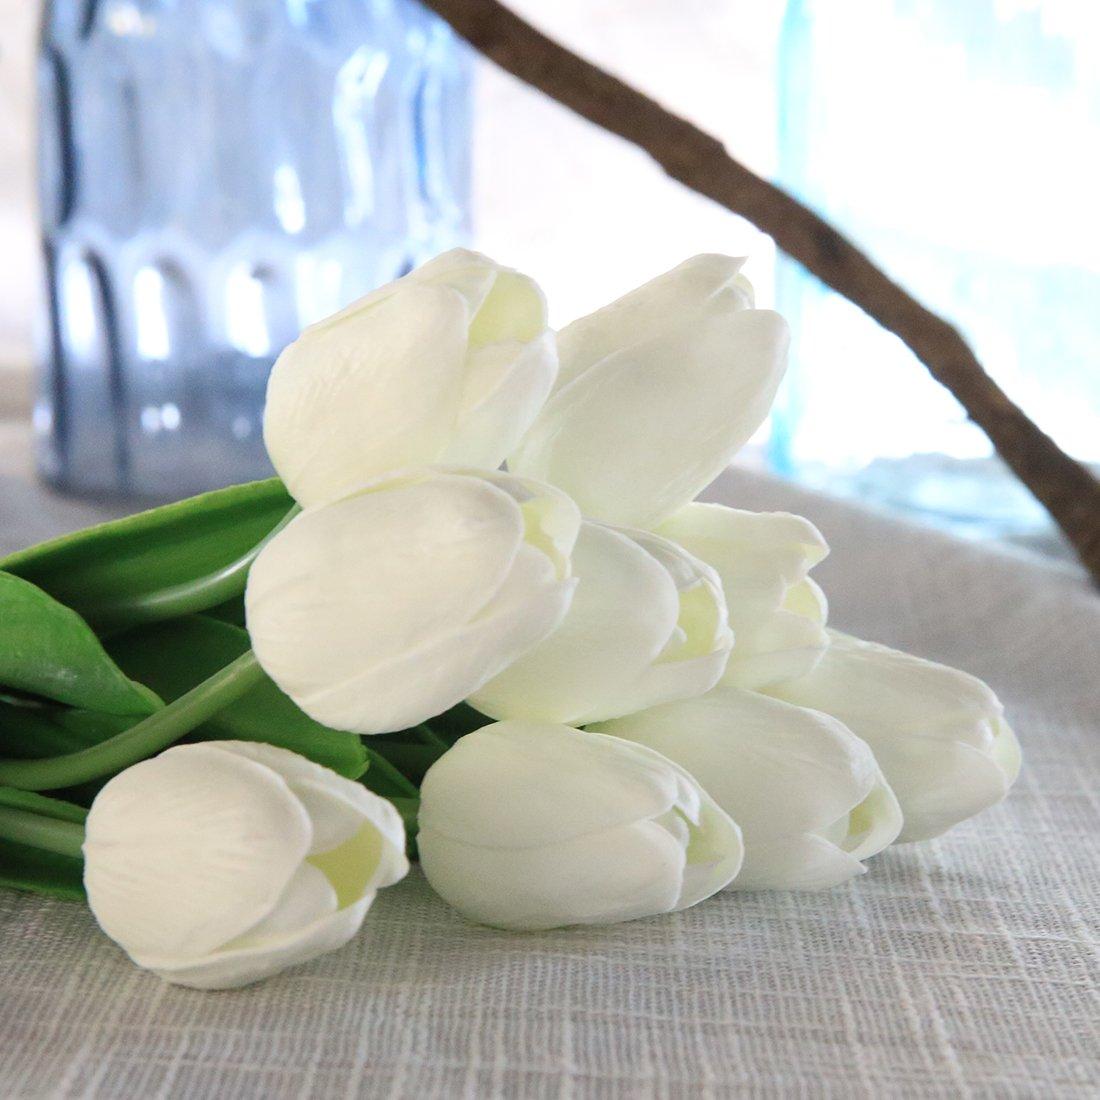 Veryhome Fiore Artificiale Fiore Finto Tulipano Materiale in Lattice Vero  Tocco Matrimonio Stanza Famiglia Alberghi Festa 933c2c8fca9